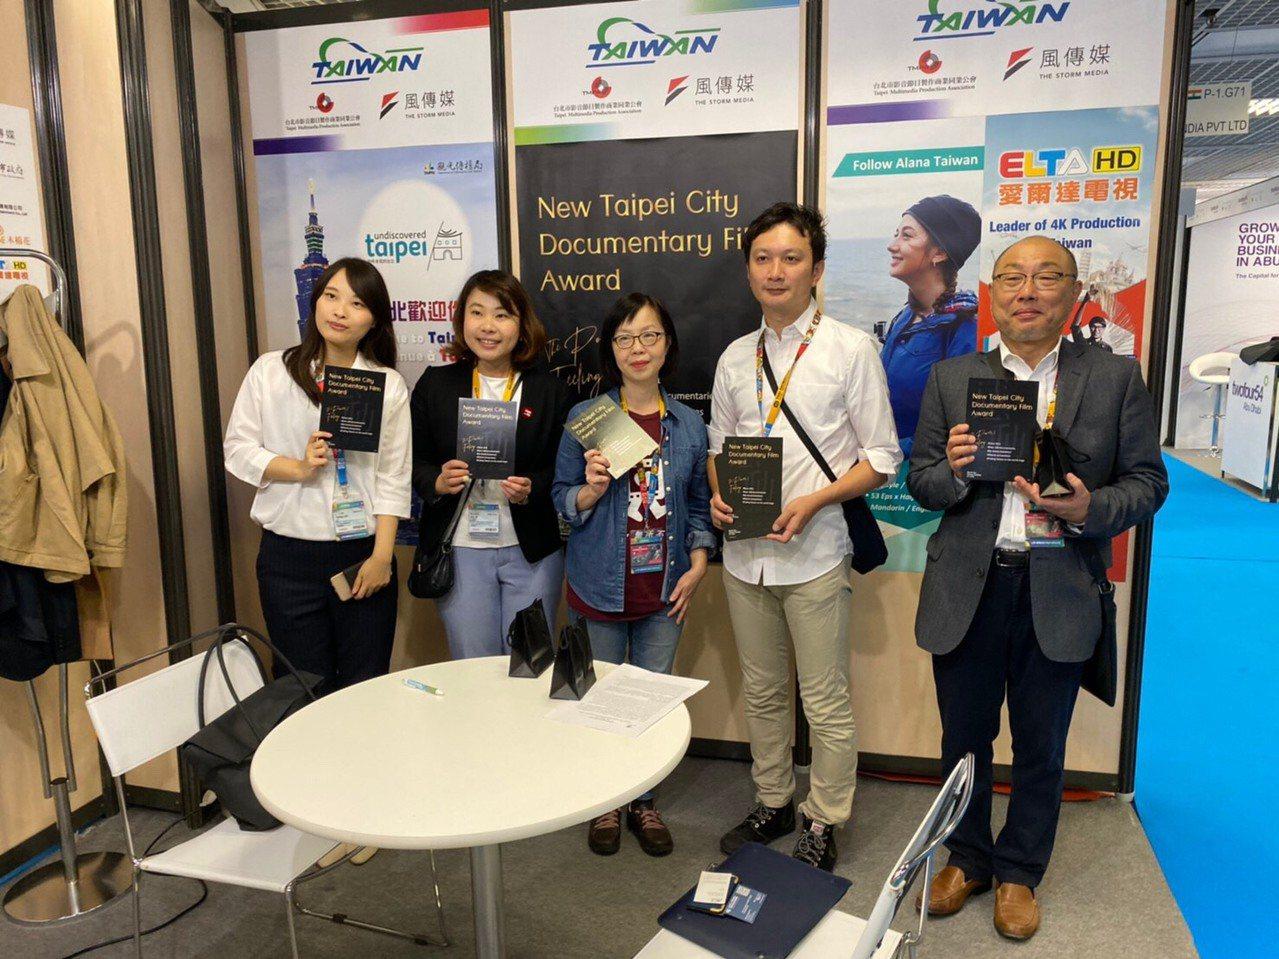 日本札幌電視台團體到台灣館洽談紀錄片合作。圖/新北市新聞局提供